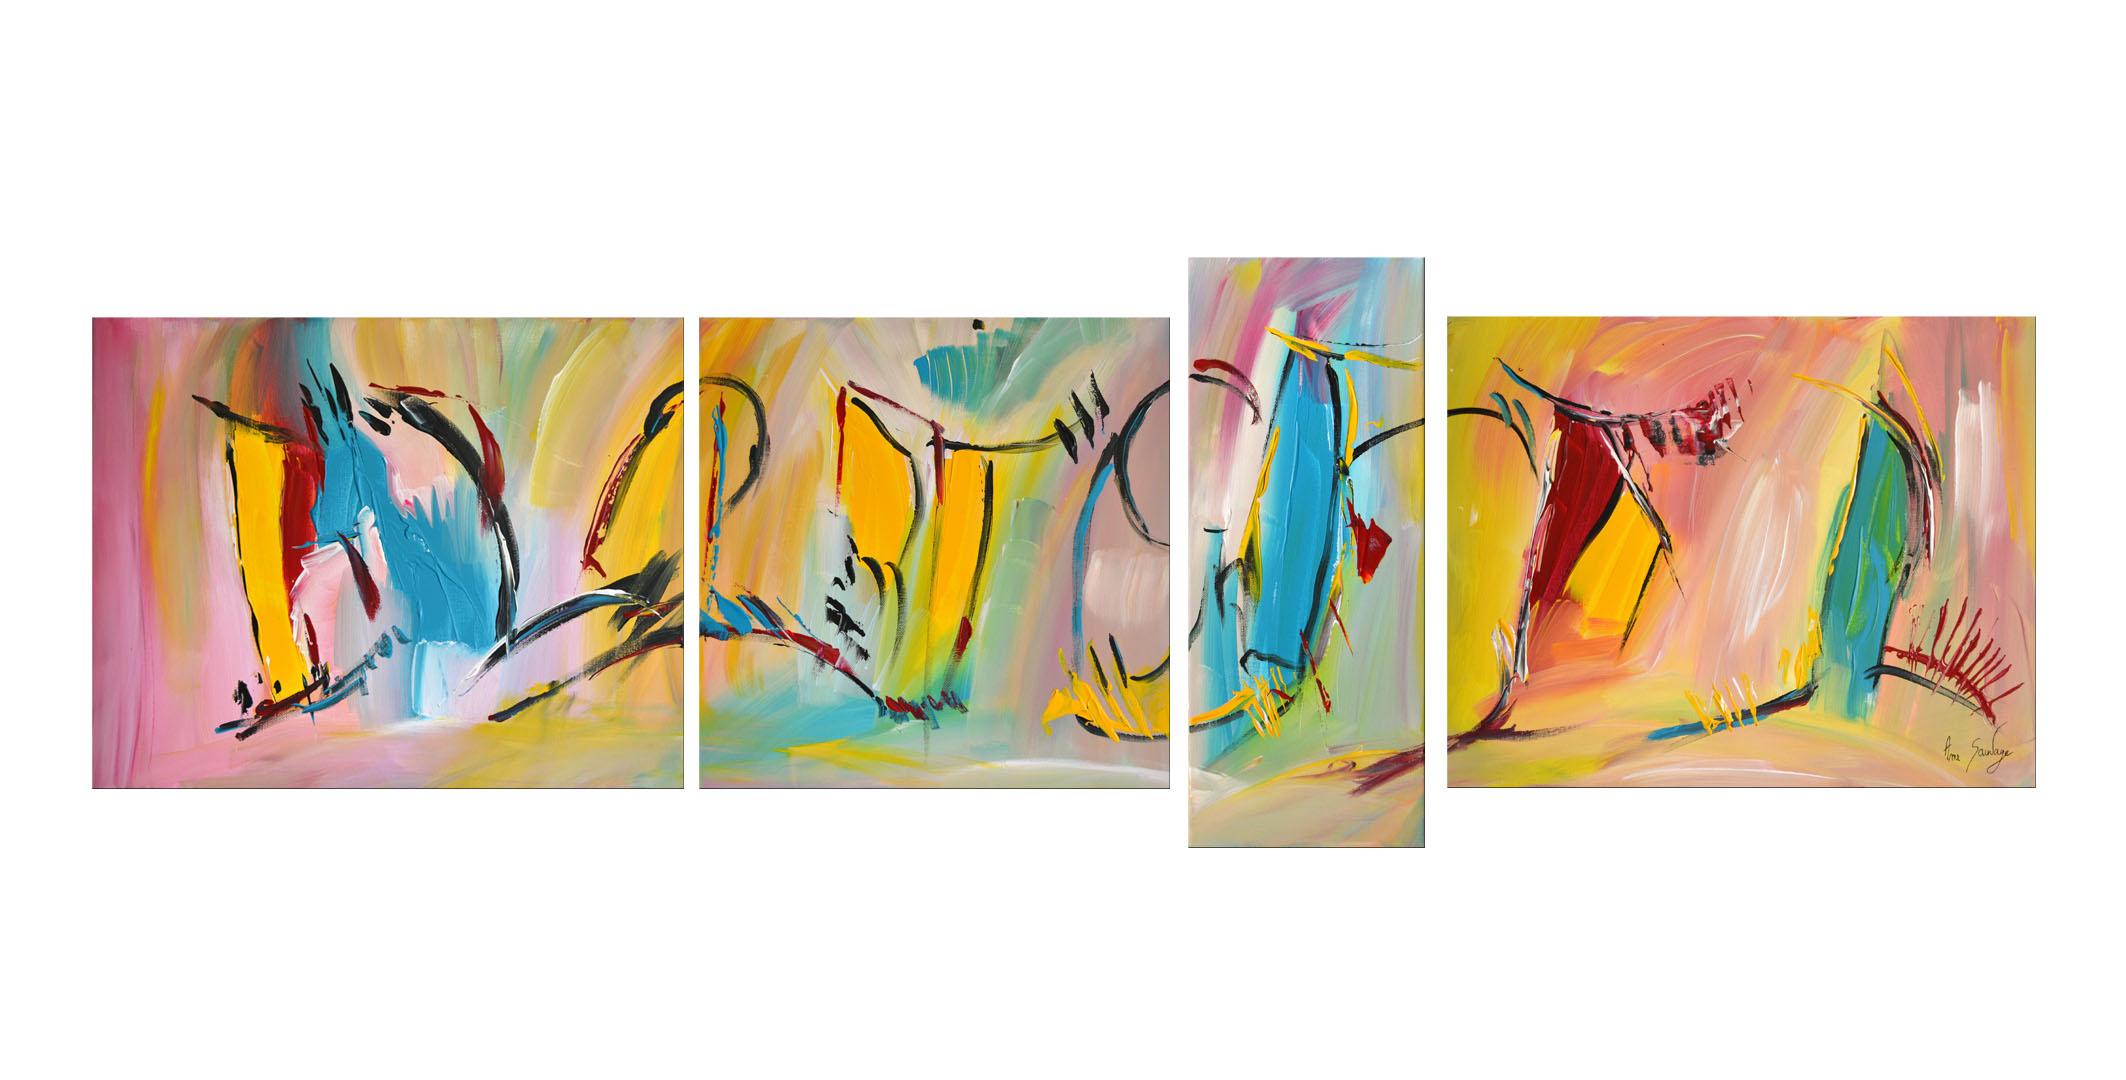 Tableaux quadriptyques uniques peints la main for Tableaux modernes colores